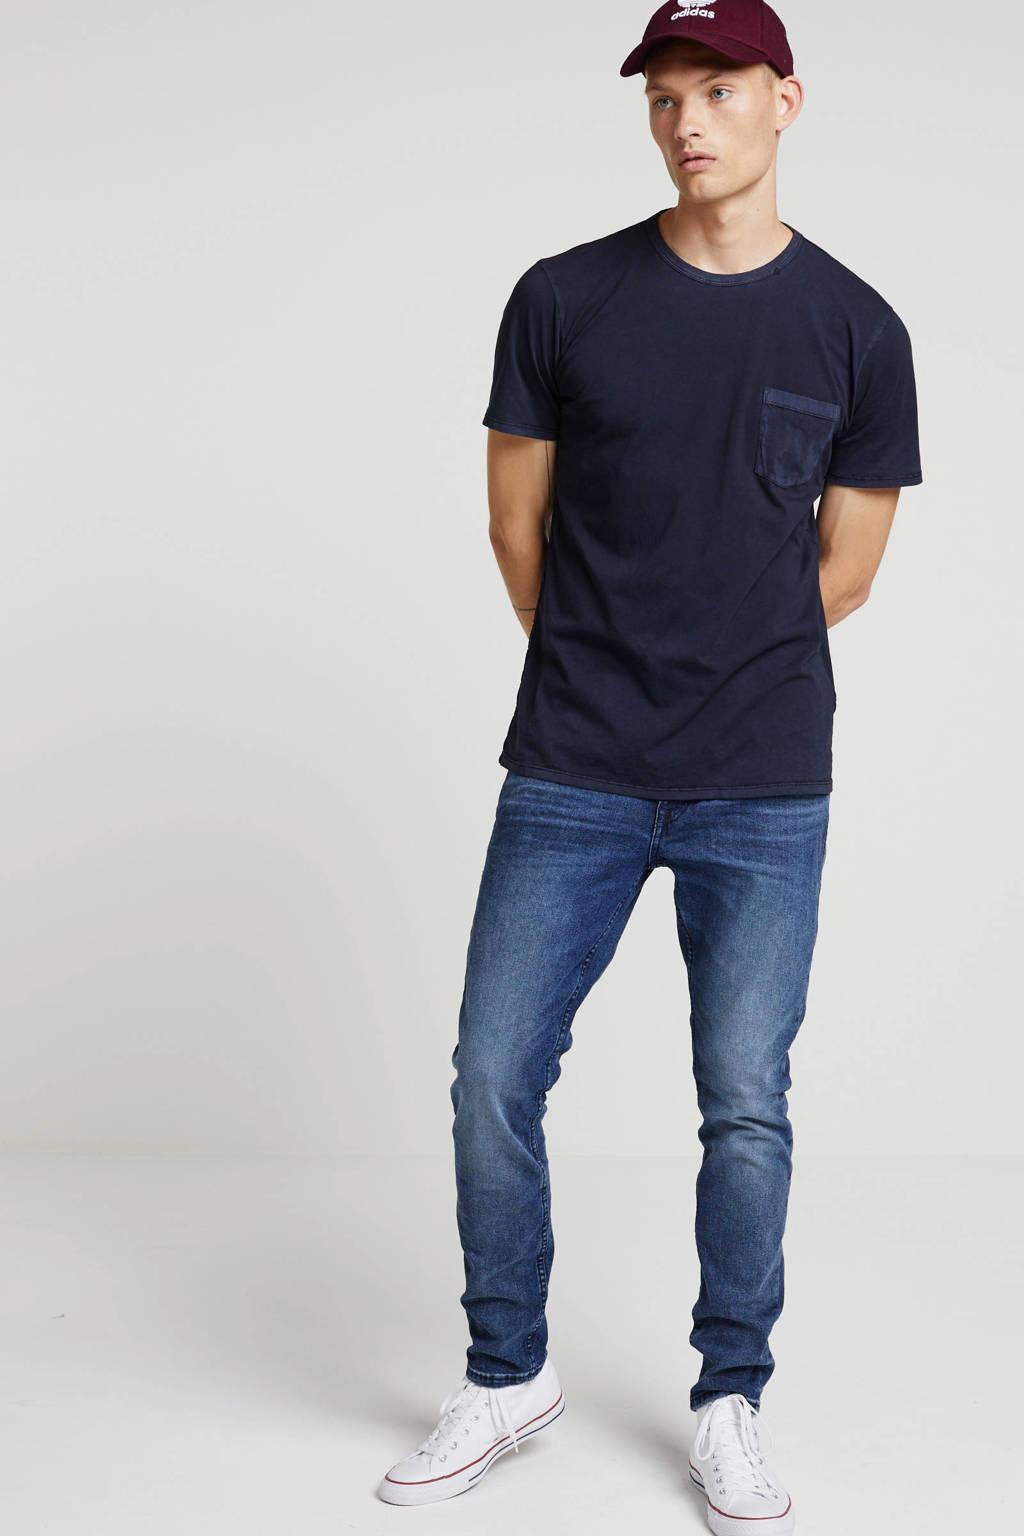 REPLAY T-shirt marine, Marine